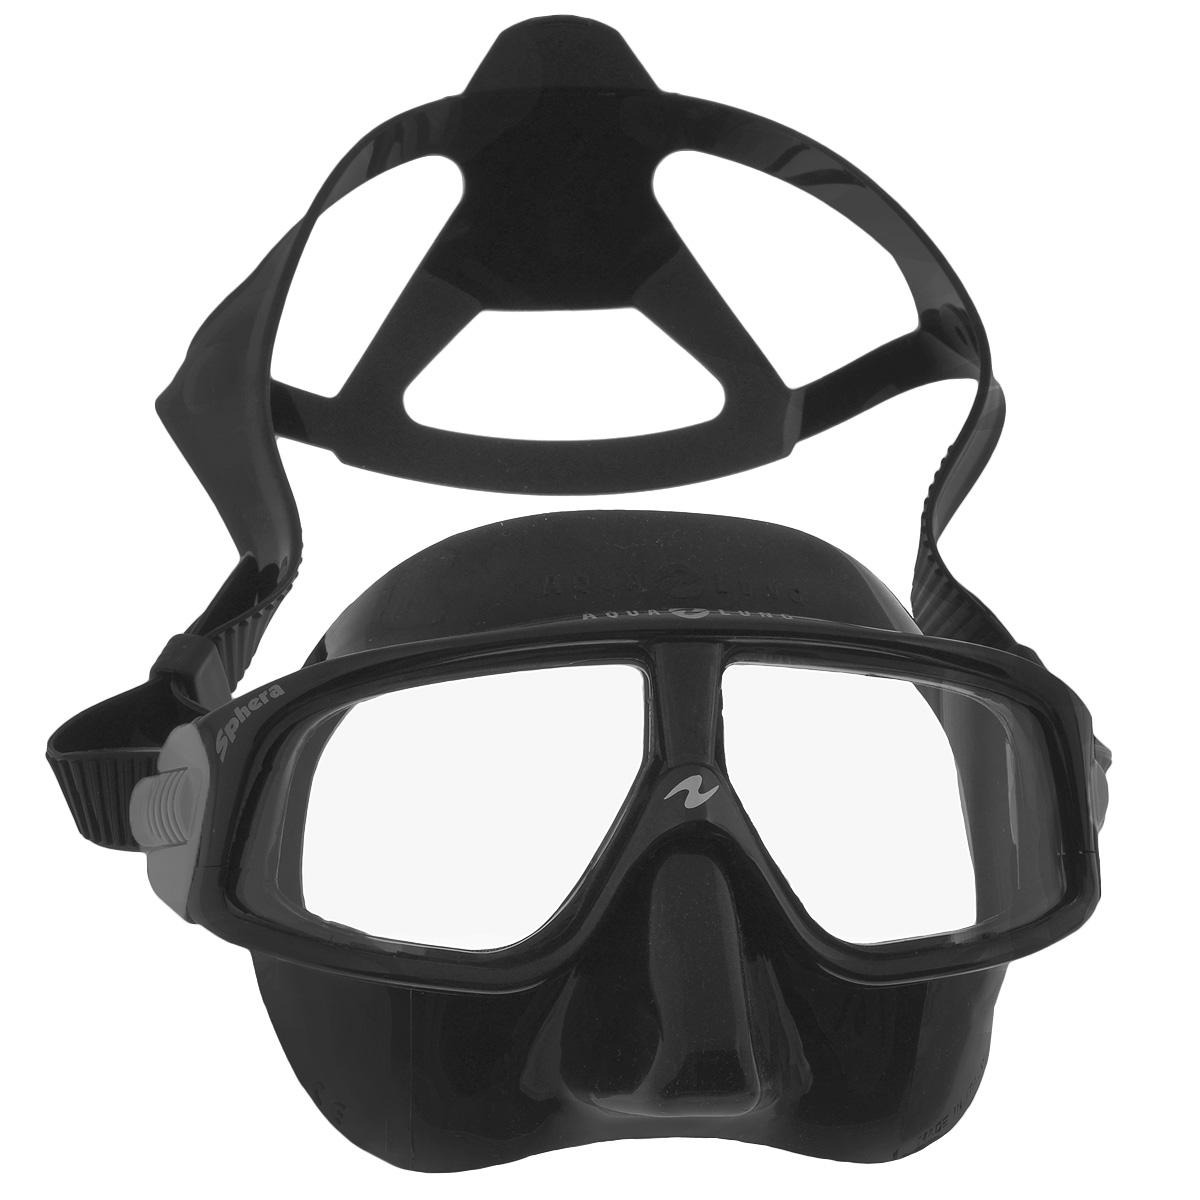 Маска для плавания Aqua Lung, цвет: черныйTN 105010 (105360, 105480)Маска для плавания Aqua Lung сочетает в себе уникальные свойства в результате применения особых материалов и технологий. Новый материал Plexisol позволил создать линзы, не дающие искажений пропорций и размеров объектов под водой, и обеспечивающие максимальный обзор в 180°. Особенности маски: Plexisol в 10 раз легче воды и при этом очень прочен, поэтому эта маска самая легкая в мире (98 г); Линзы изготовлены из плексисола, обеспечивающего видимость реального расстояния под водой; Внешняя сторона линз имеет защитное покрытие от царапин, а внутренняя обработана антизапотевателем; Обзор 180° без каких-либо искажений; Самое маленькое подмасочное пространство среди имеющихся на рынке масок; Малый вес - 98 г, (вес средней маски - 200 г); Анатомический фланец, изготовленный из гипоаллергенного медицинского силикона; Быстро регулируемые пряжки. Материал: силикон, plexisol.